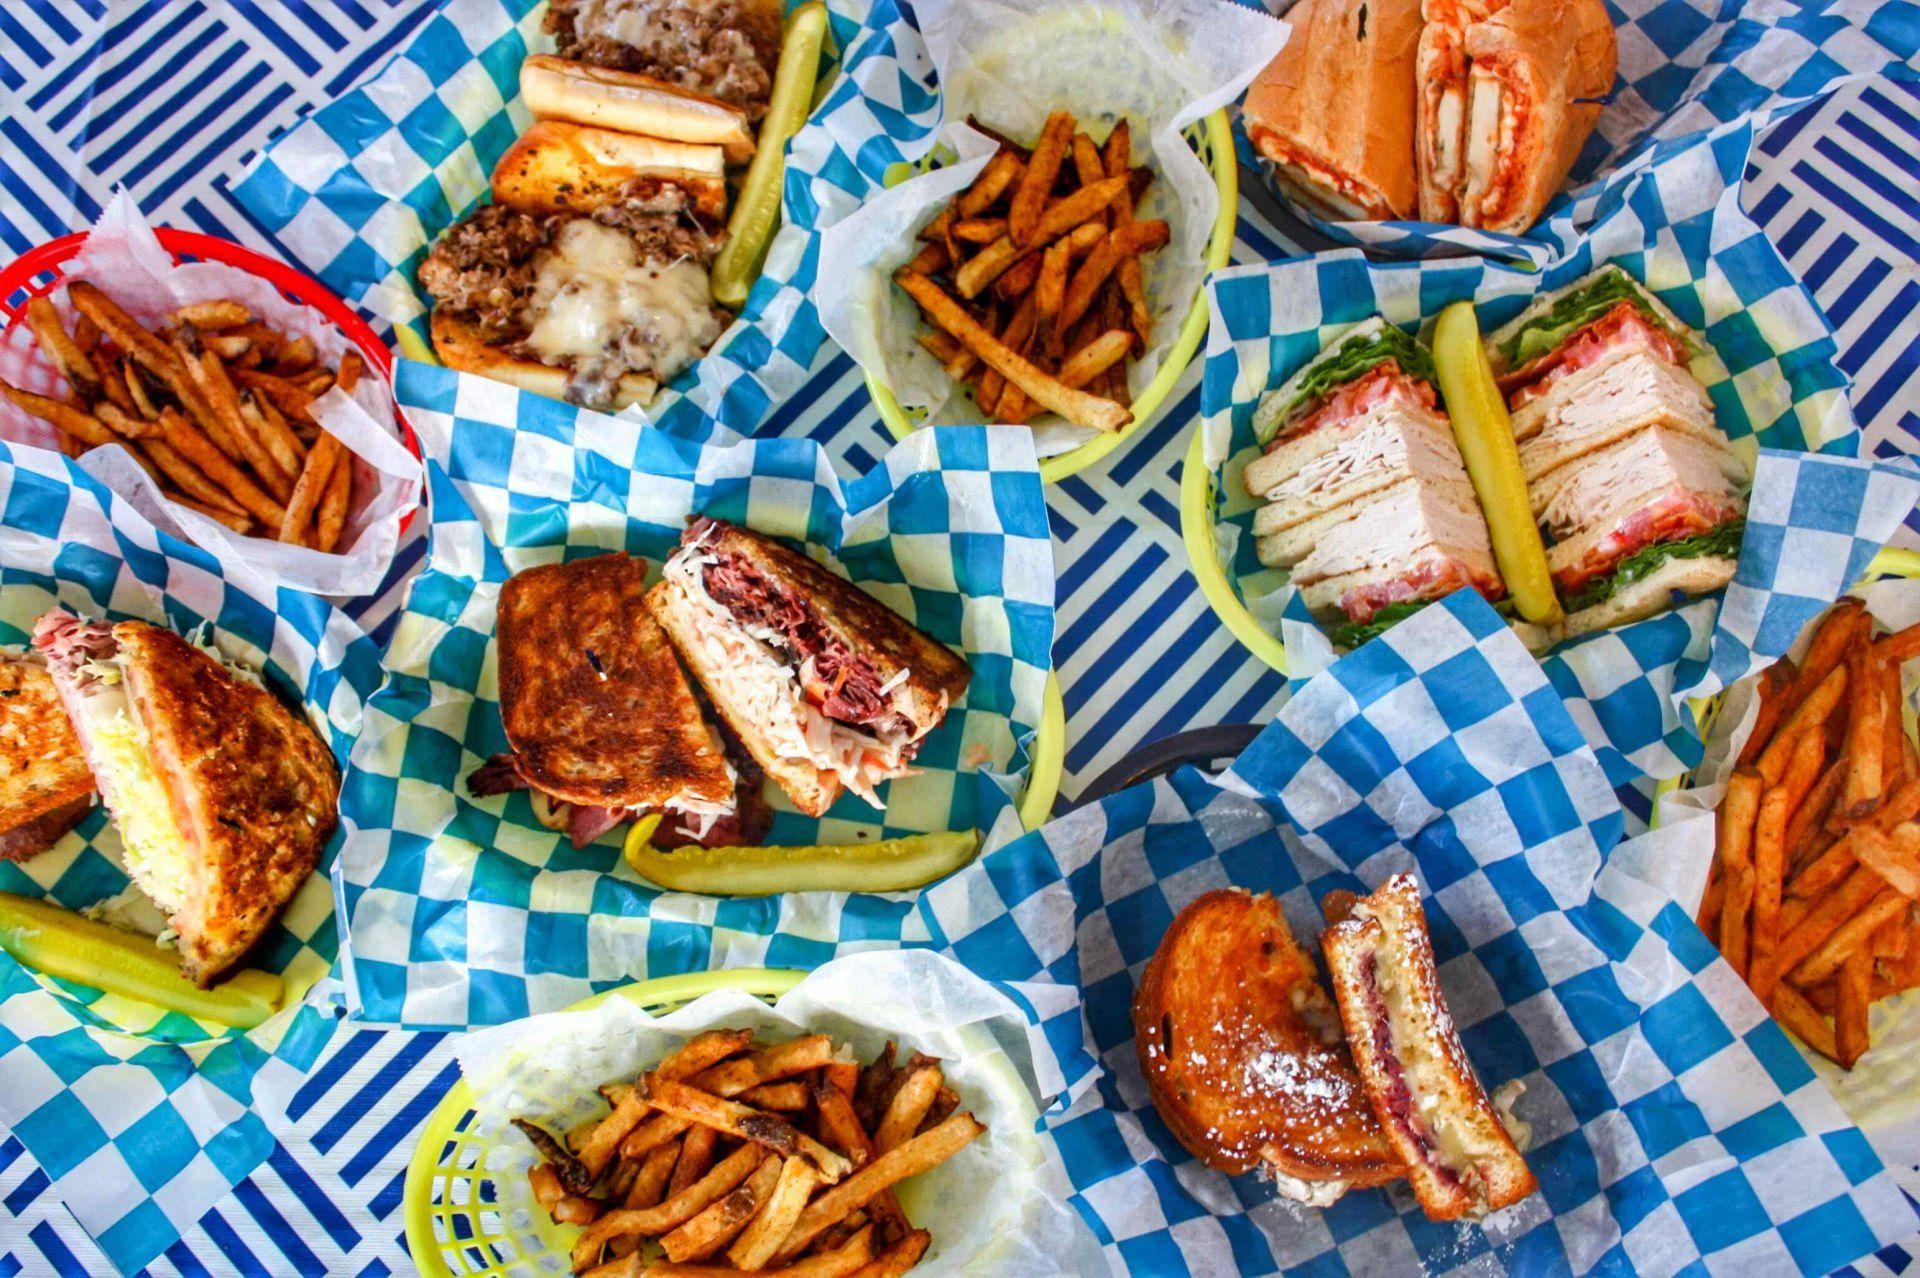 New York Corner Deli Sandwiches